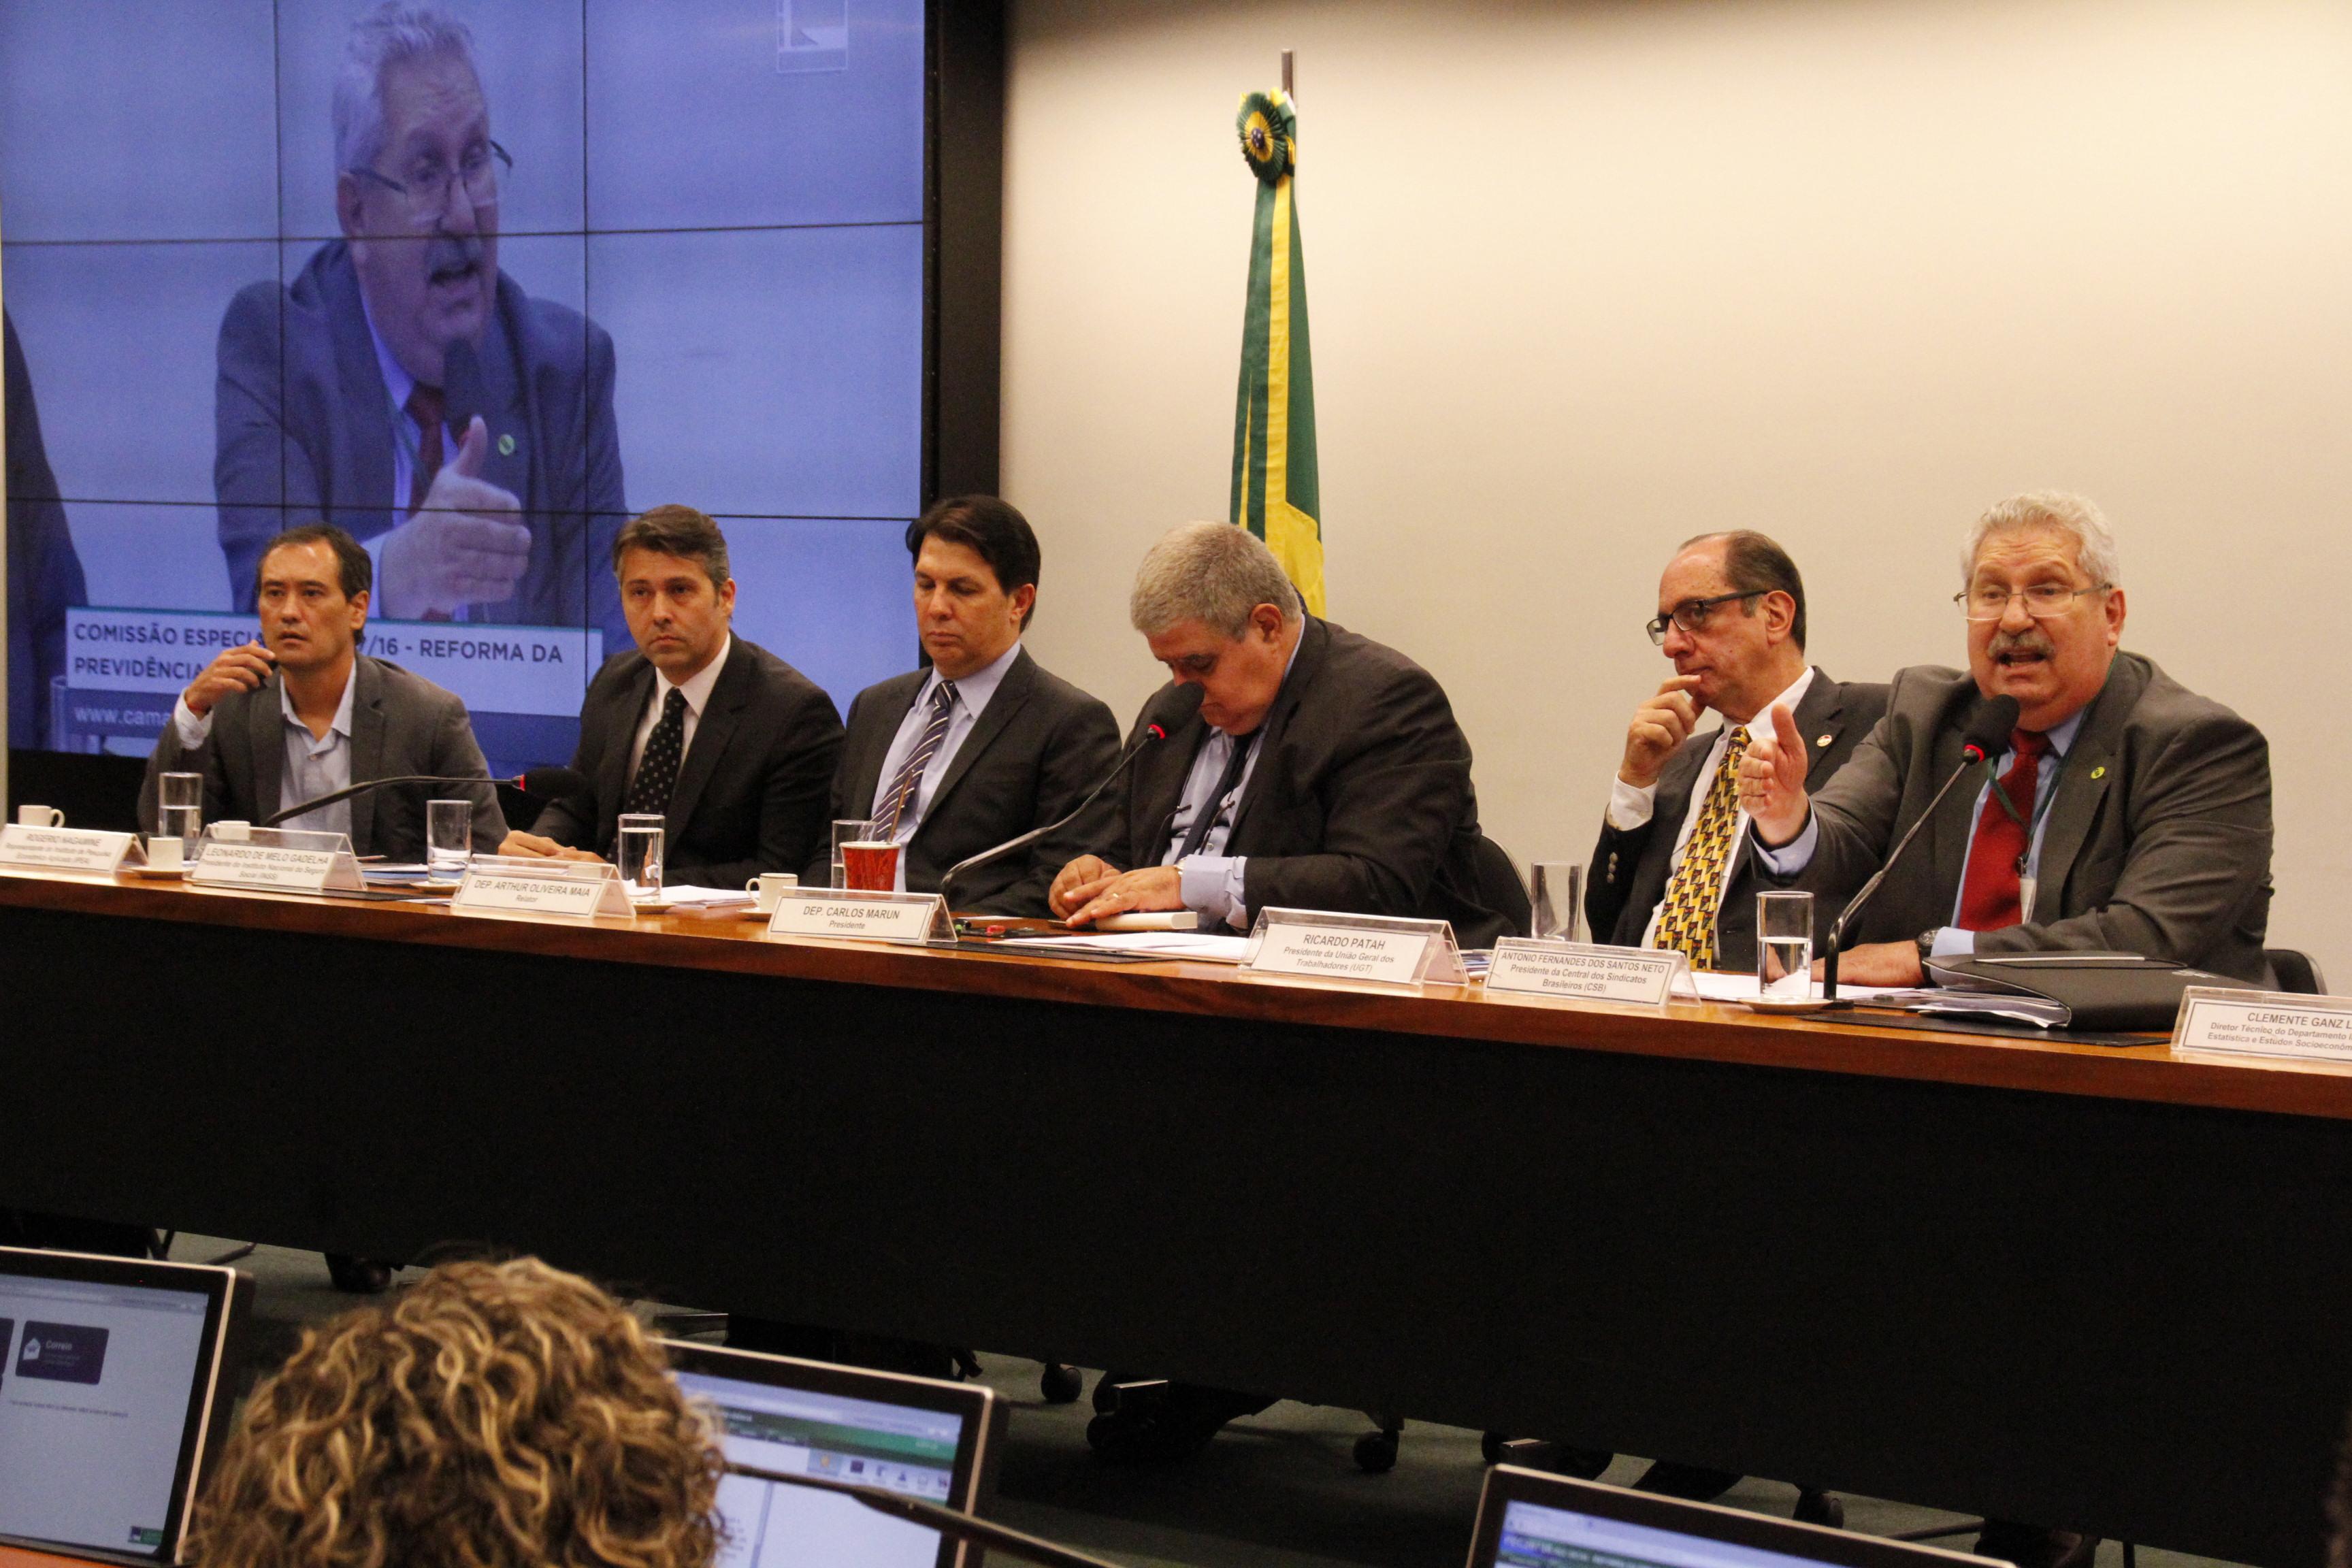 Antonio Neto diz que reforma da Previdência é criminosa e defende necessidade de amplo debate da PEC 287